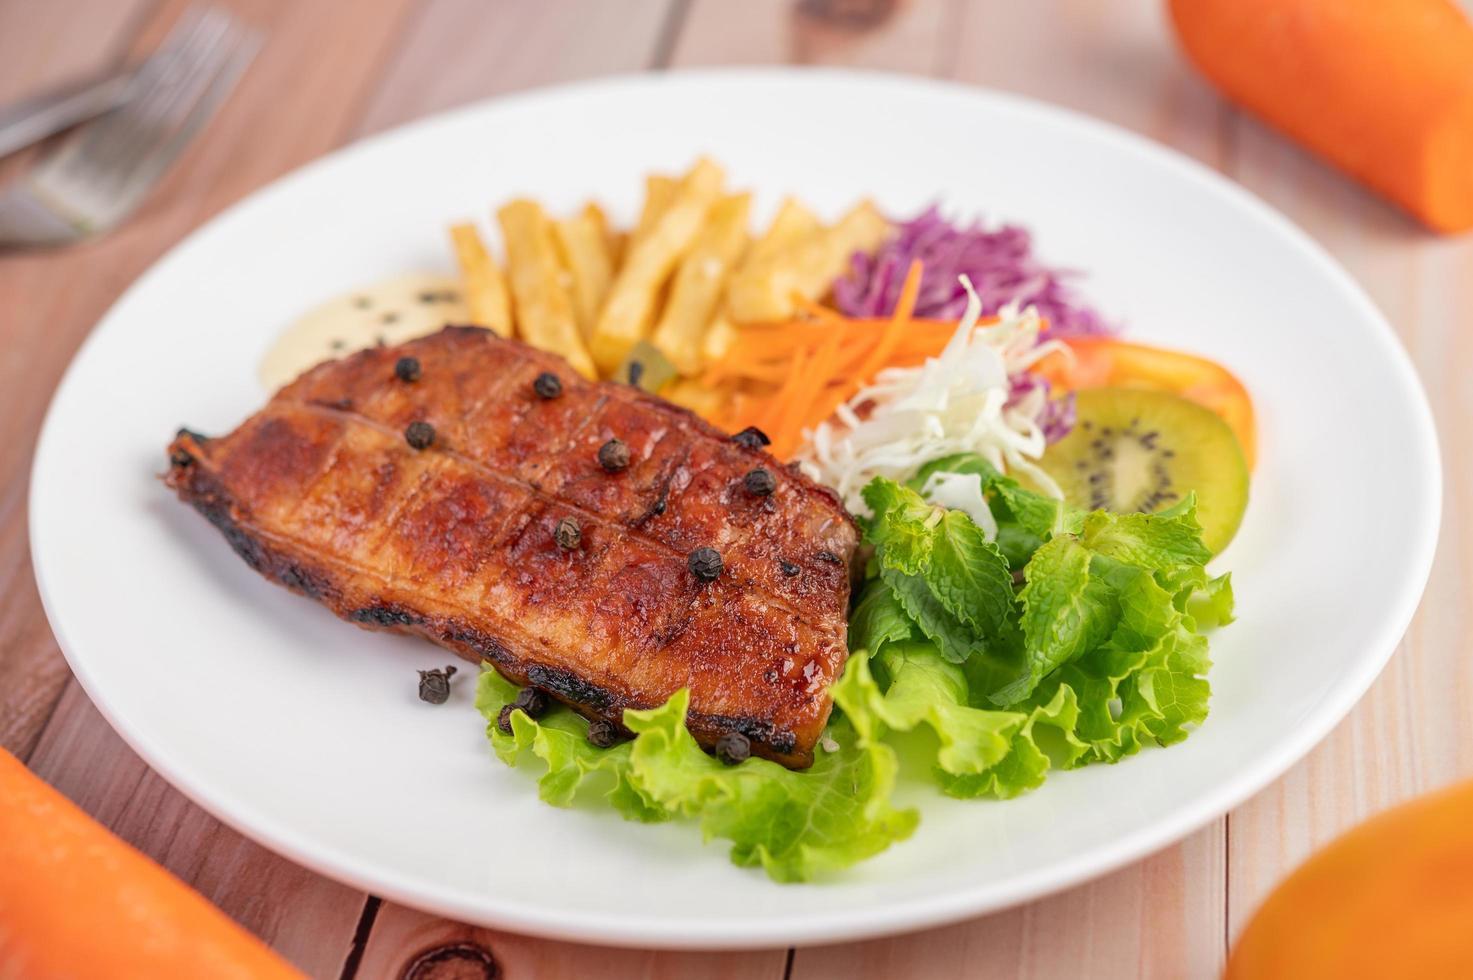 steak de poisson avec frites et salade photo